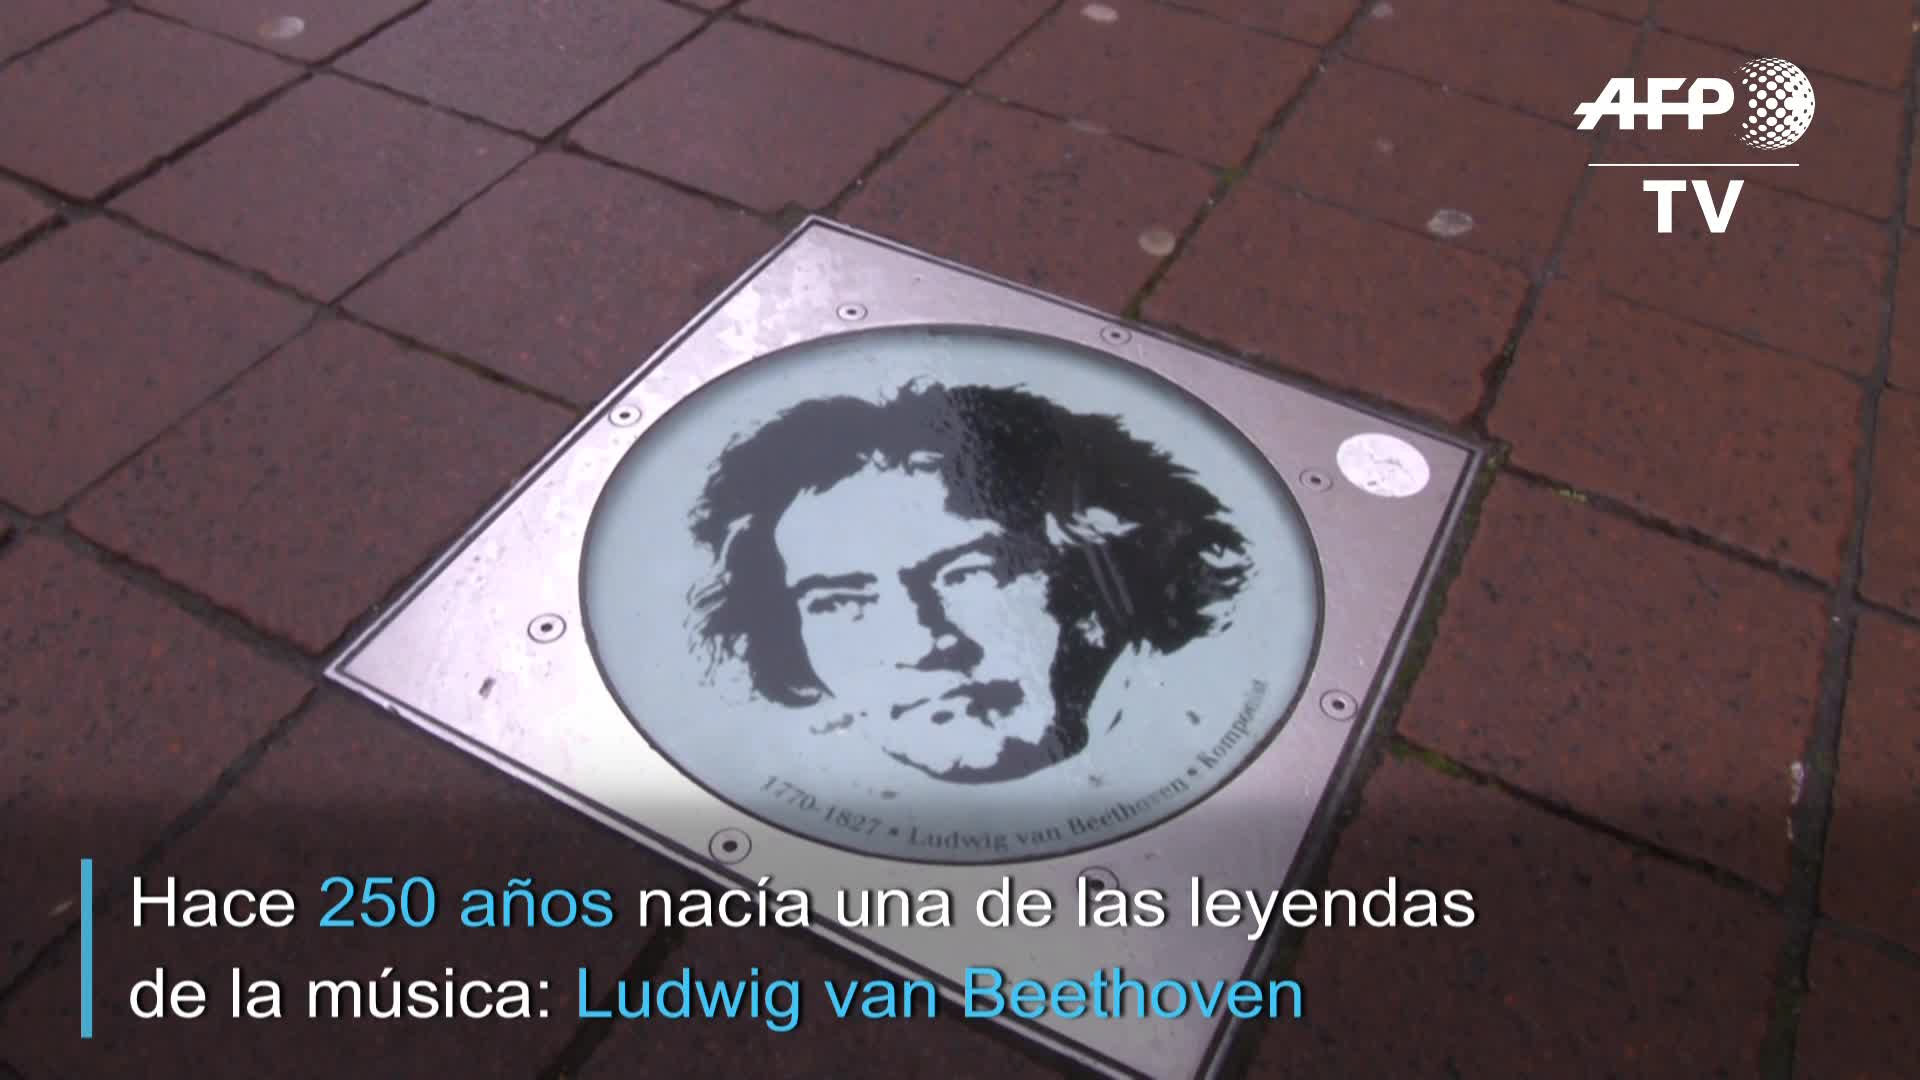 Reabren casa de Beethoven de Bonn por 250 aniversario del compositor